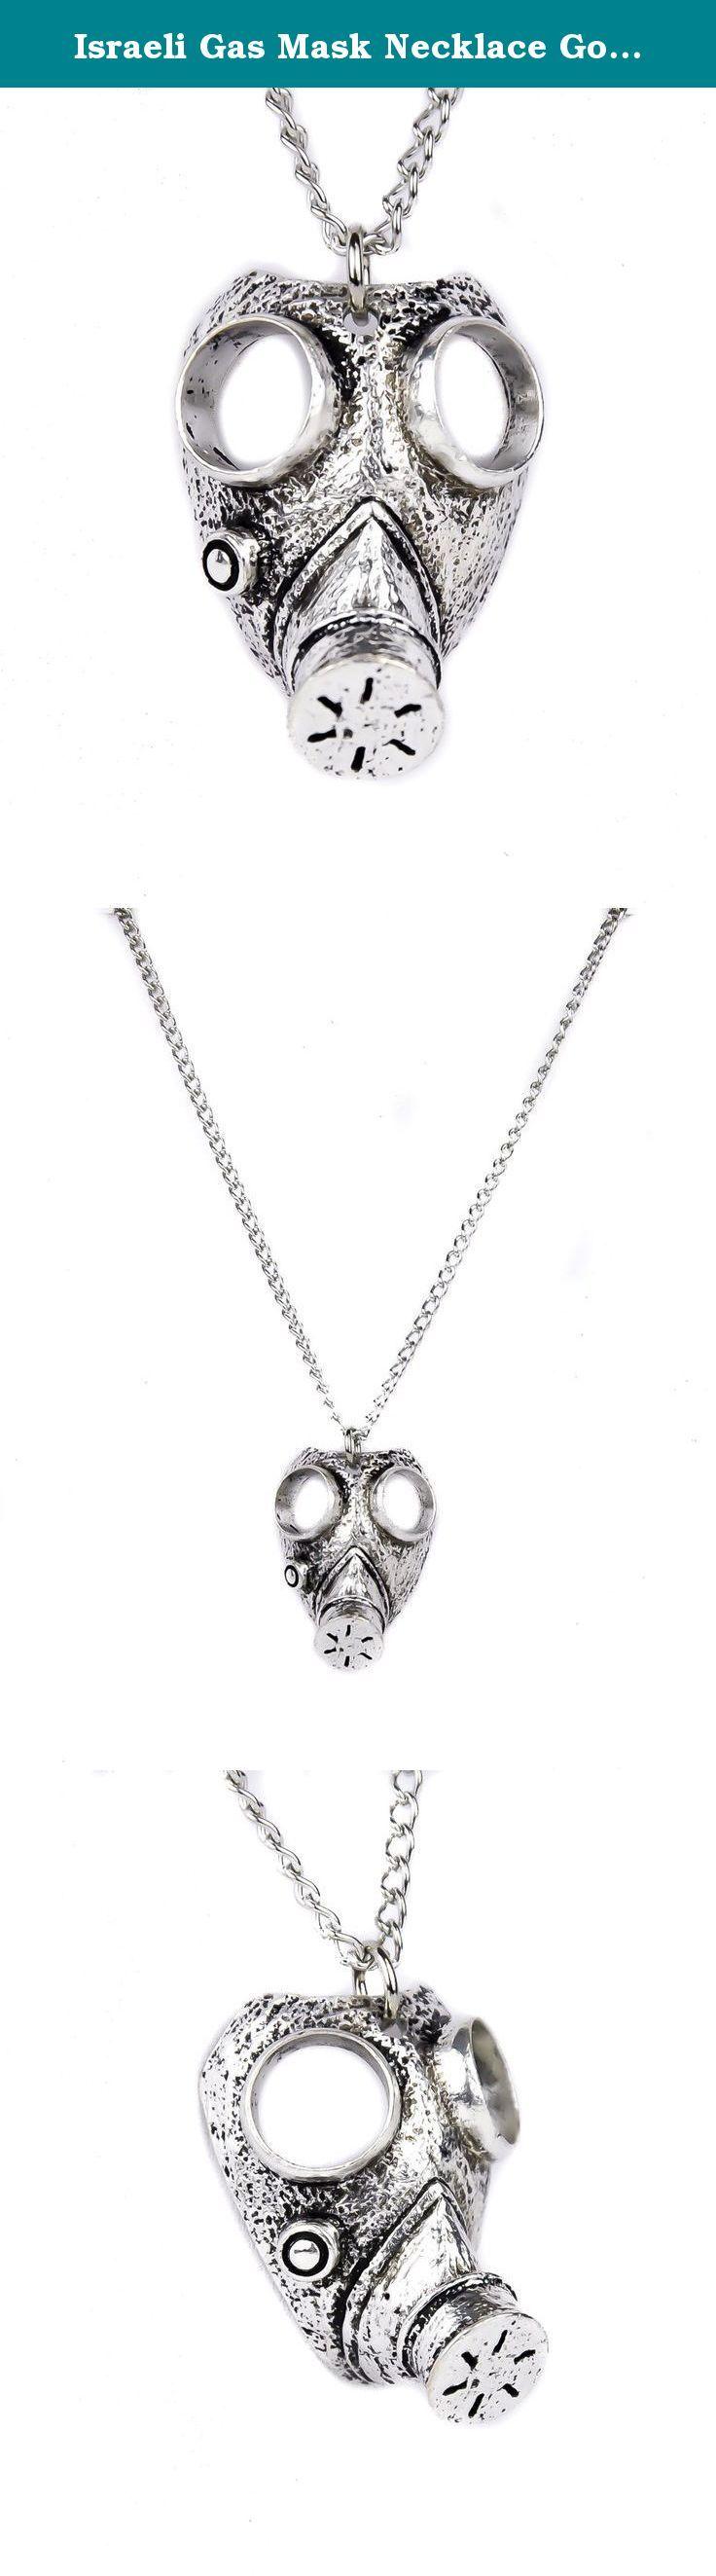 Israeli Gas Mask Necklace Gothic Apocalypse Design. Israeli Gas Mask Necklace. Very Detailed Gothic Design.